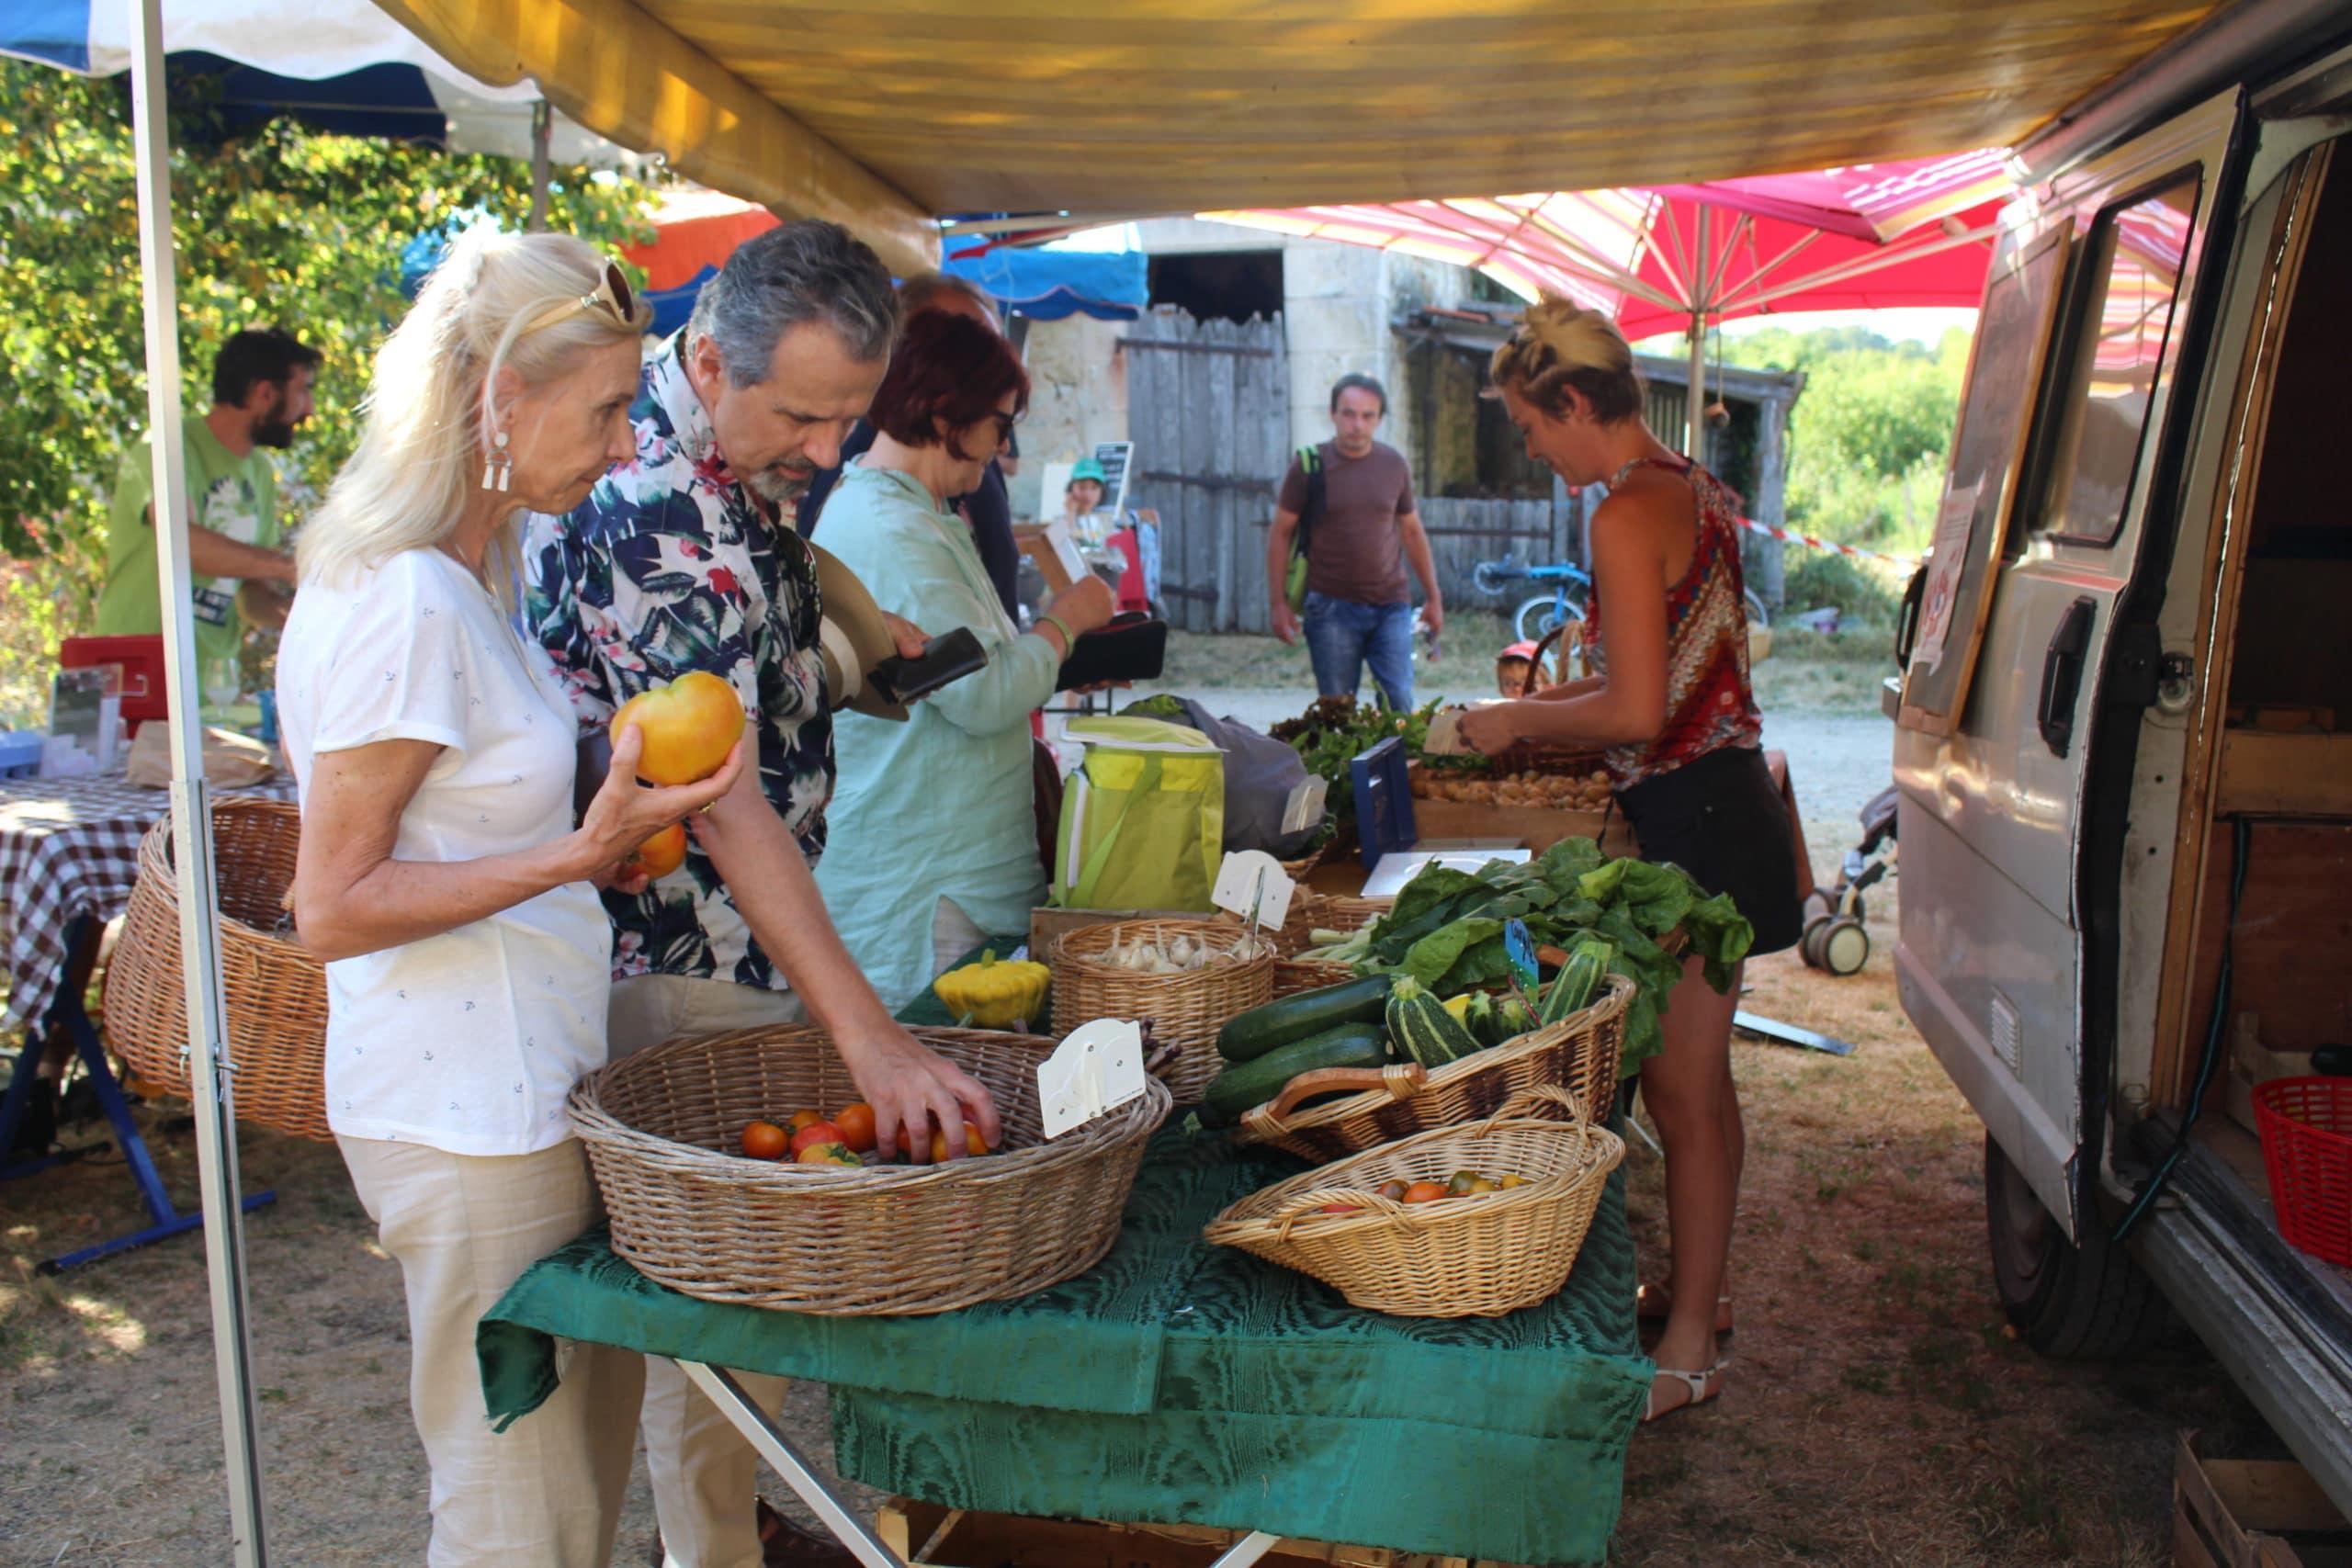 Accueil Paysan Centre Val de Loire propose aux consommateurs de rencontrer les paysans le samedi 3 octobre 2020 dans le Berry (36)